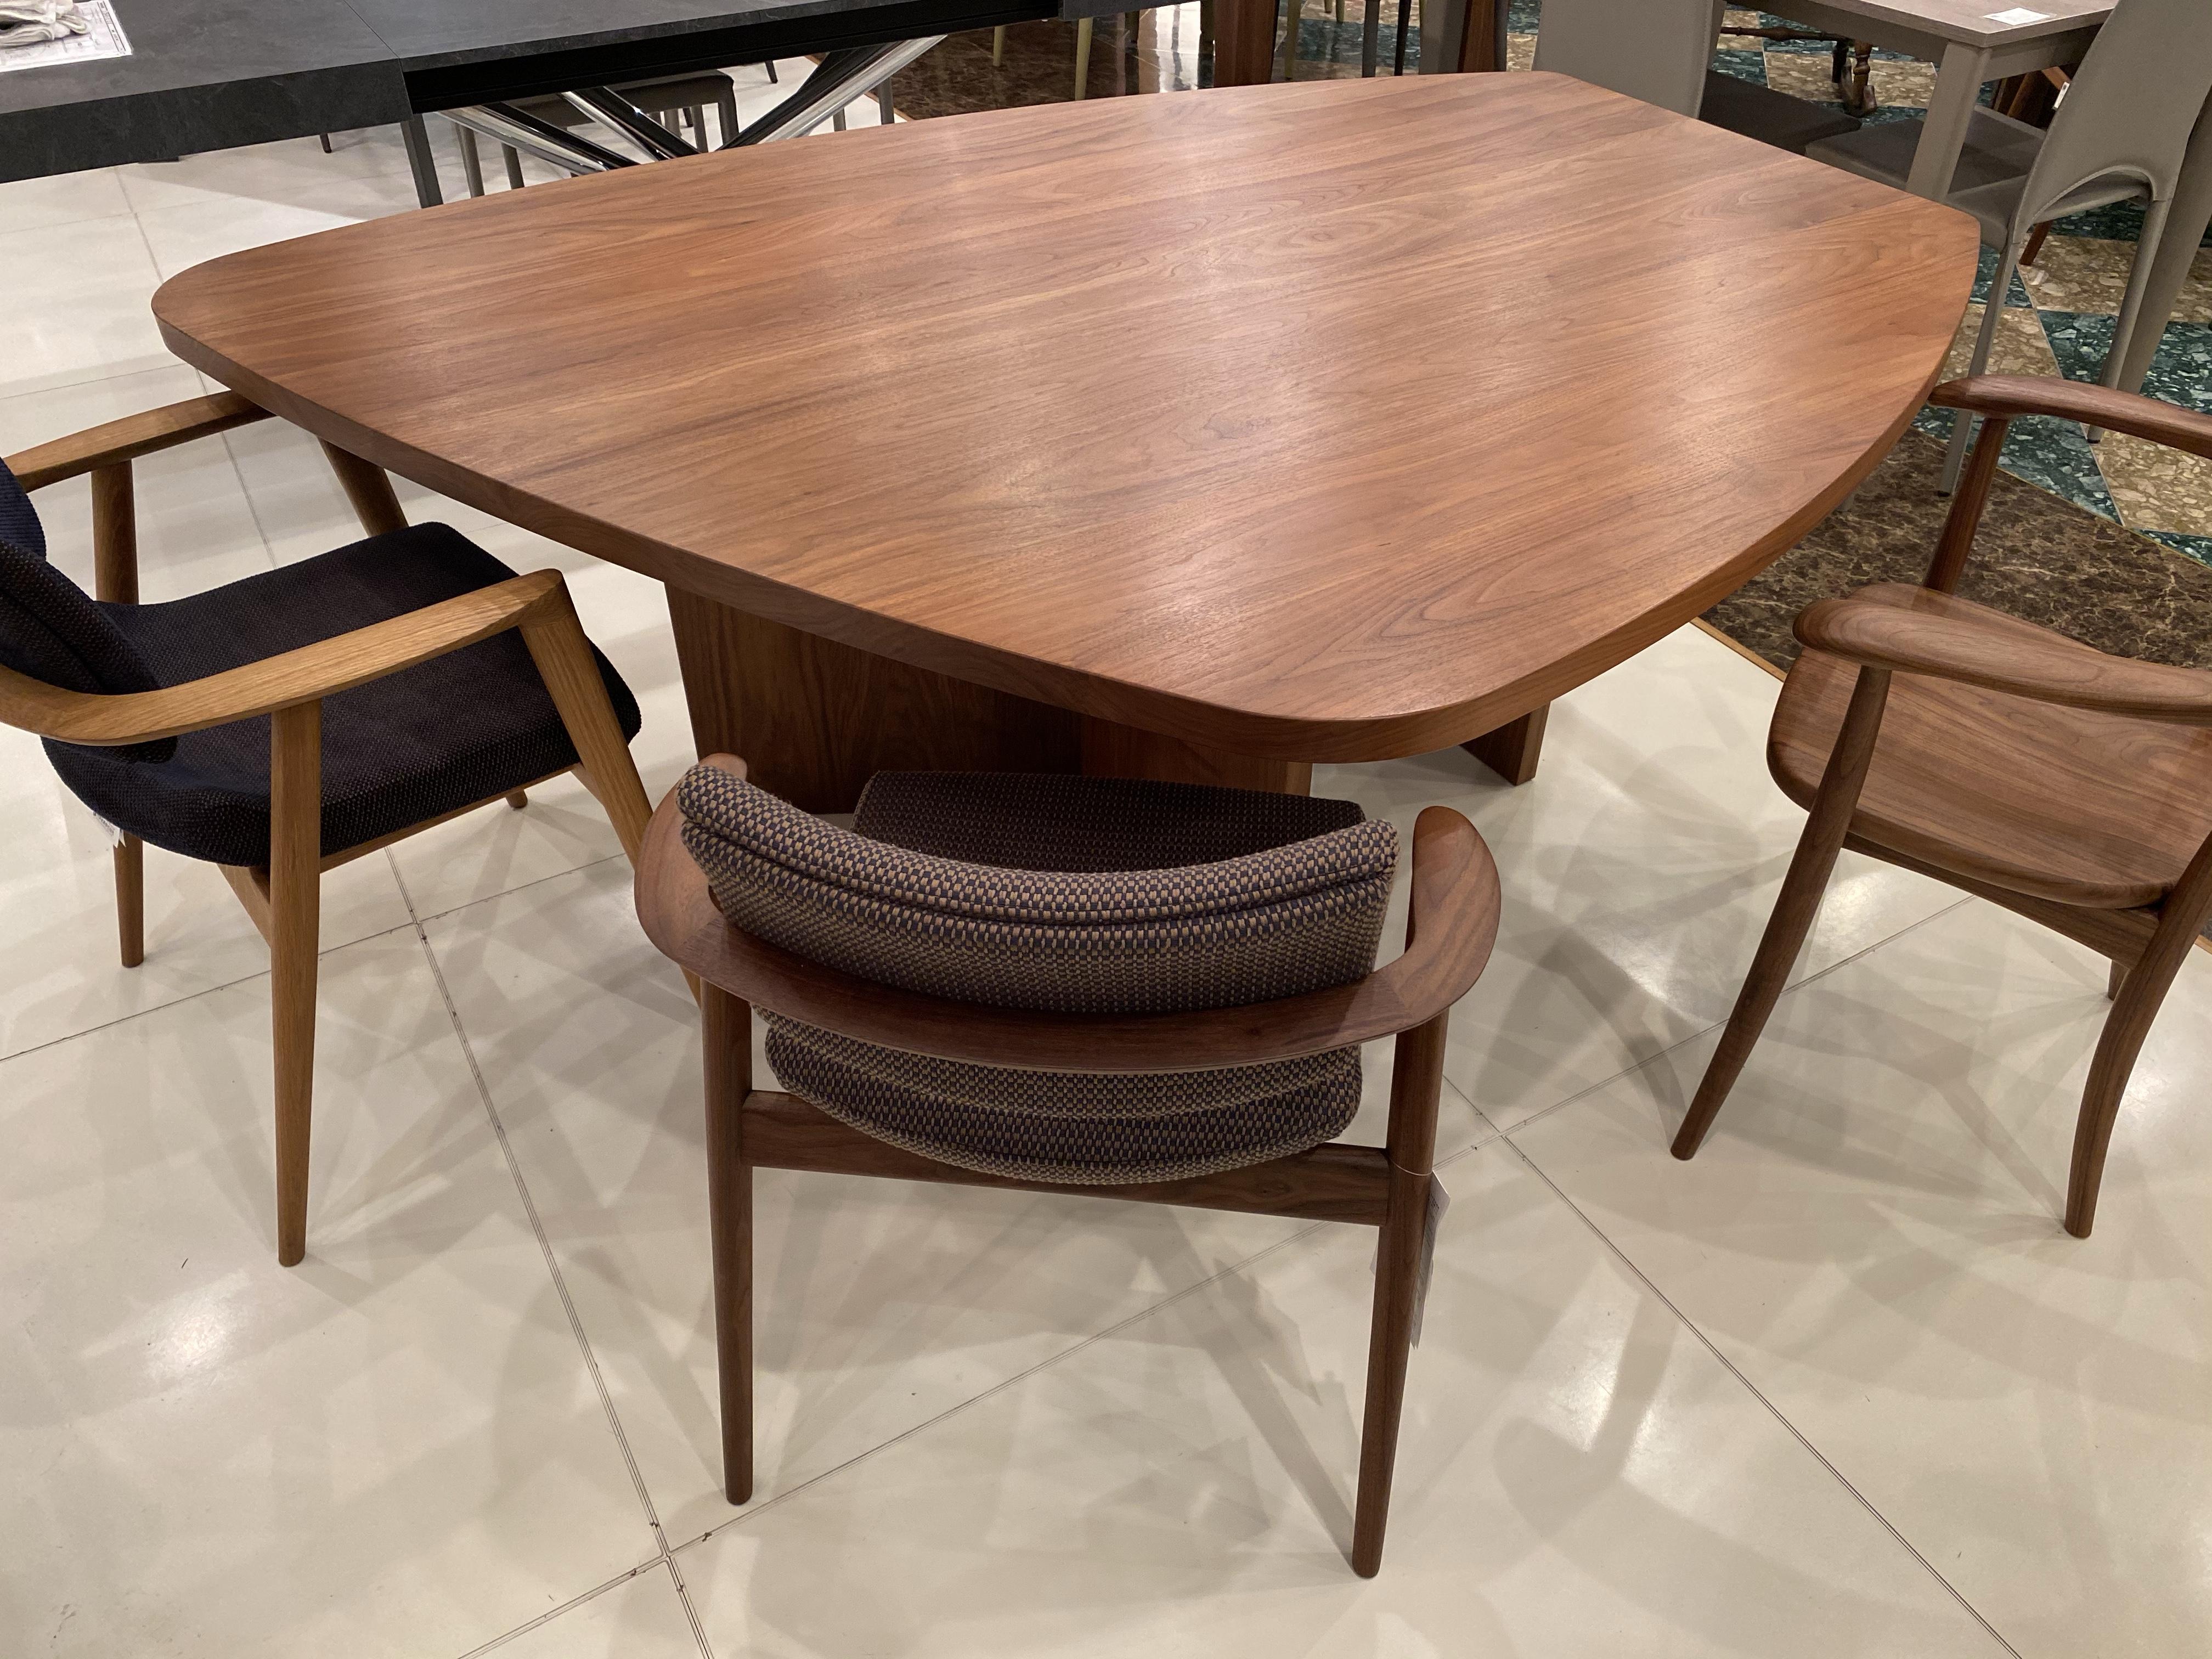 【会話がスムーズにできるテーブル】土井木工・ミーオラウンドテーブル